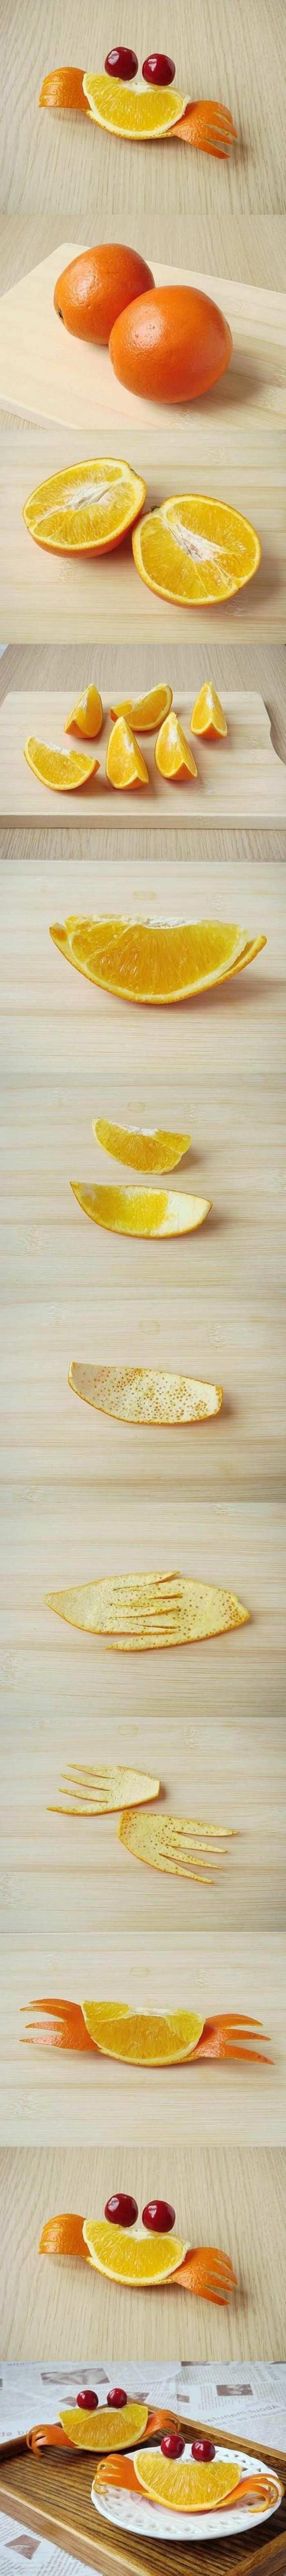 deco-fruit-sculptures-avec-oranges-art-original